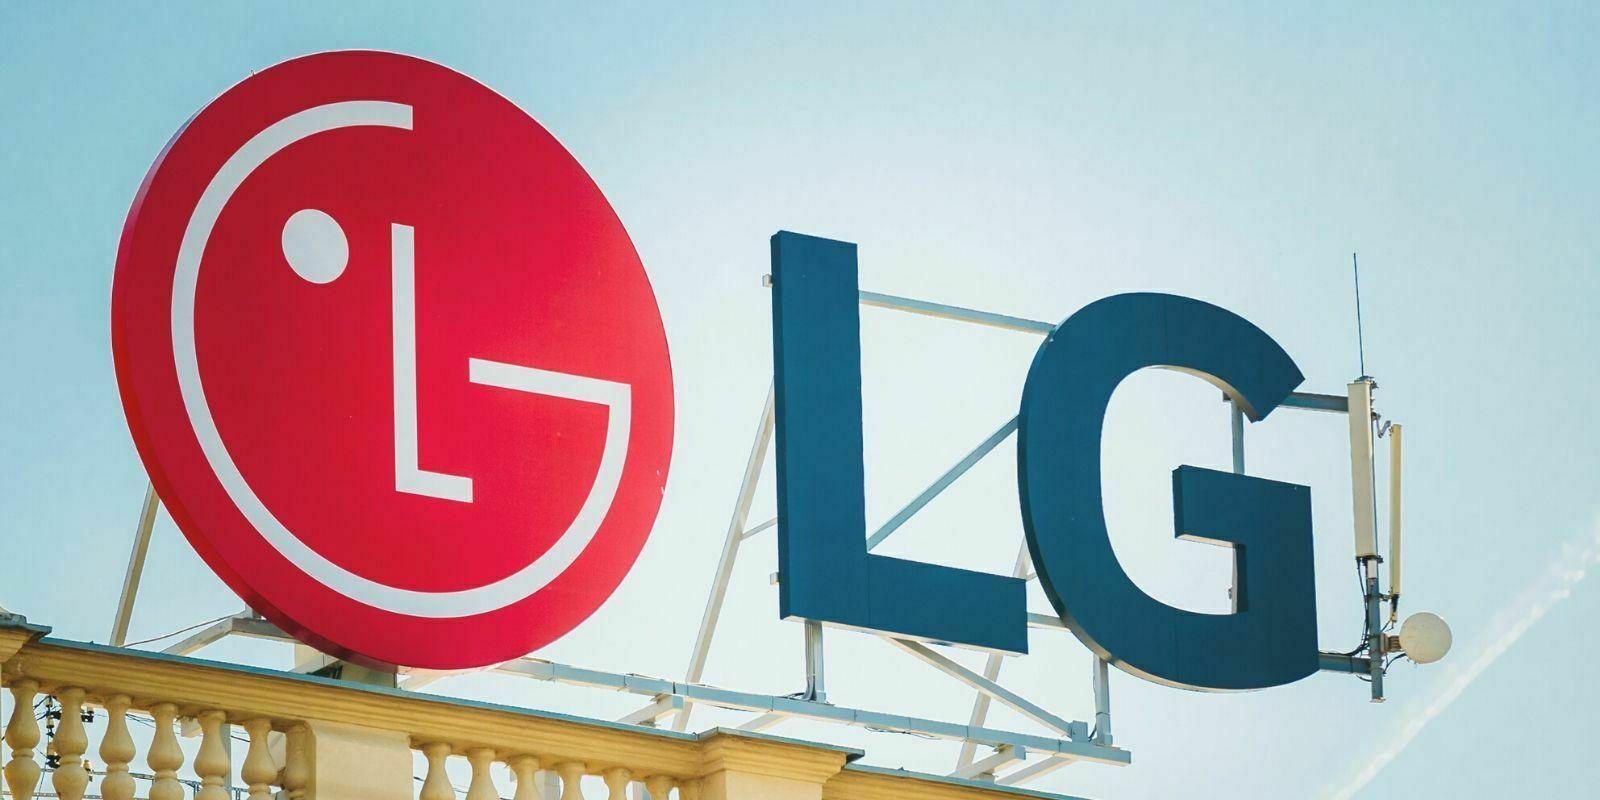 LG s'associe à Ground X pour relier les blockchains privées et publiques